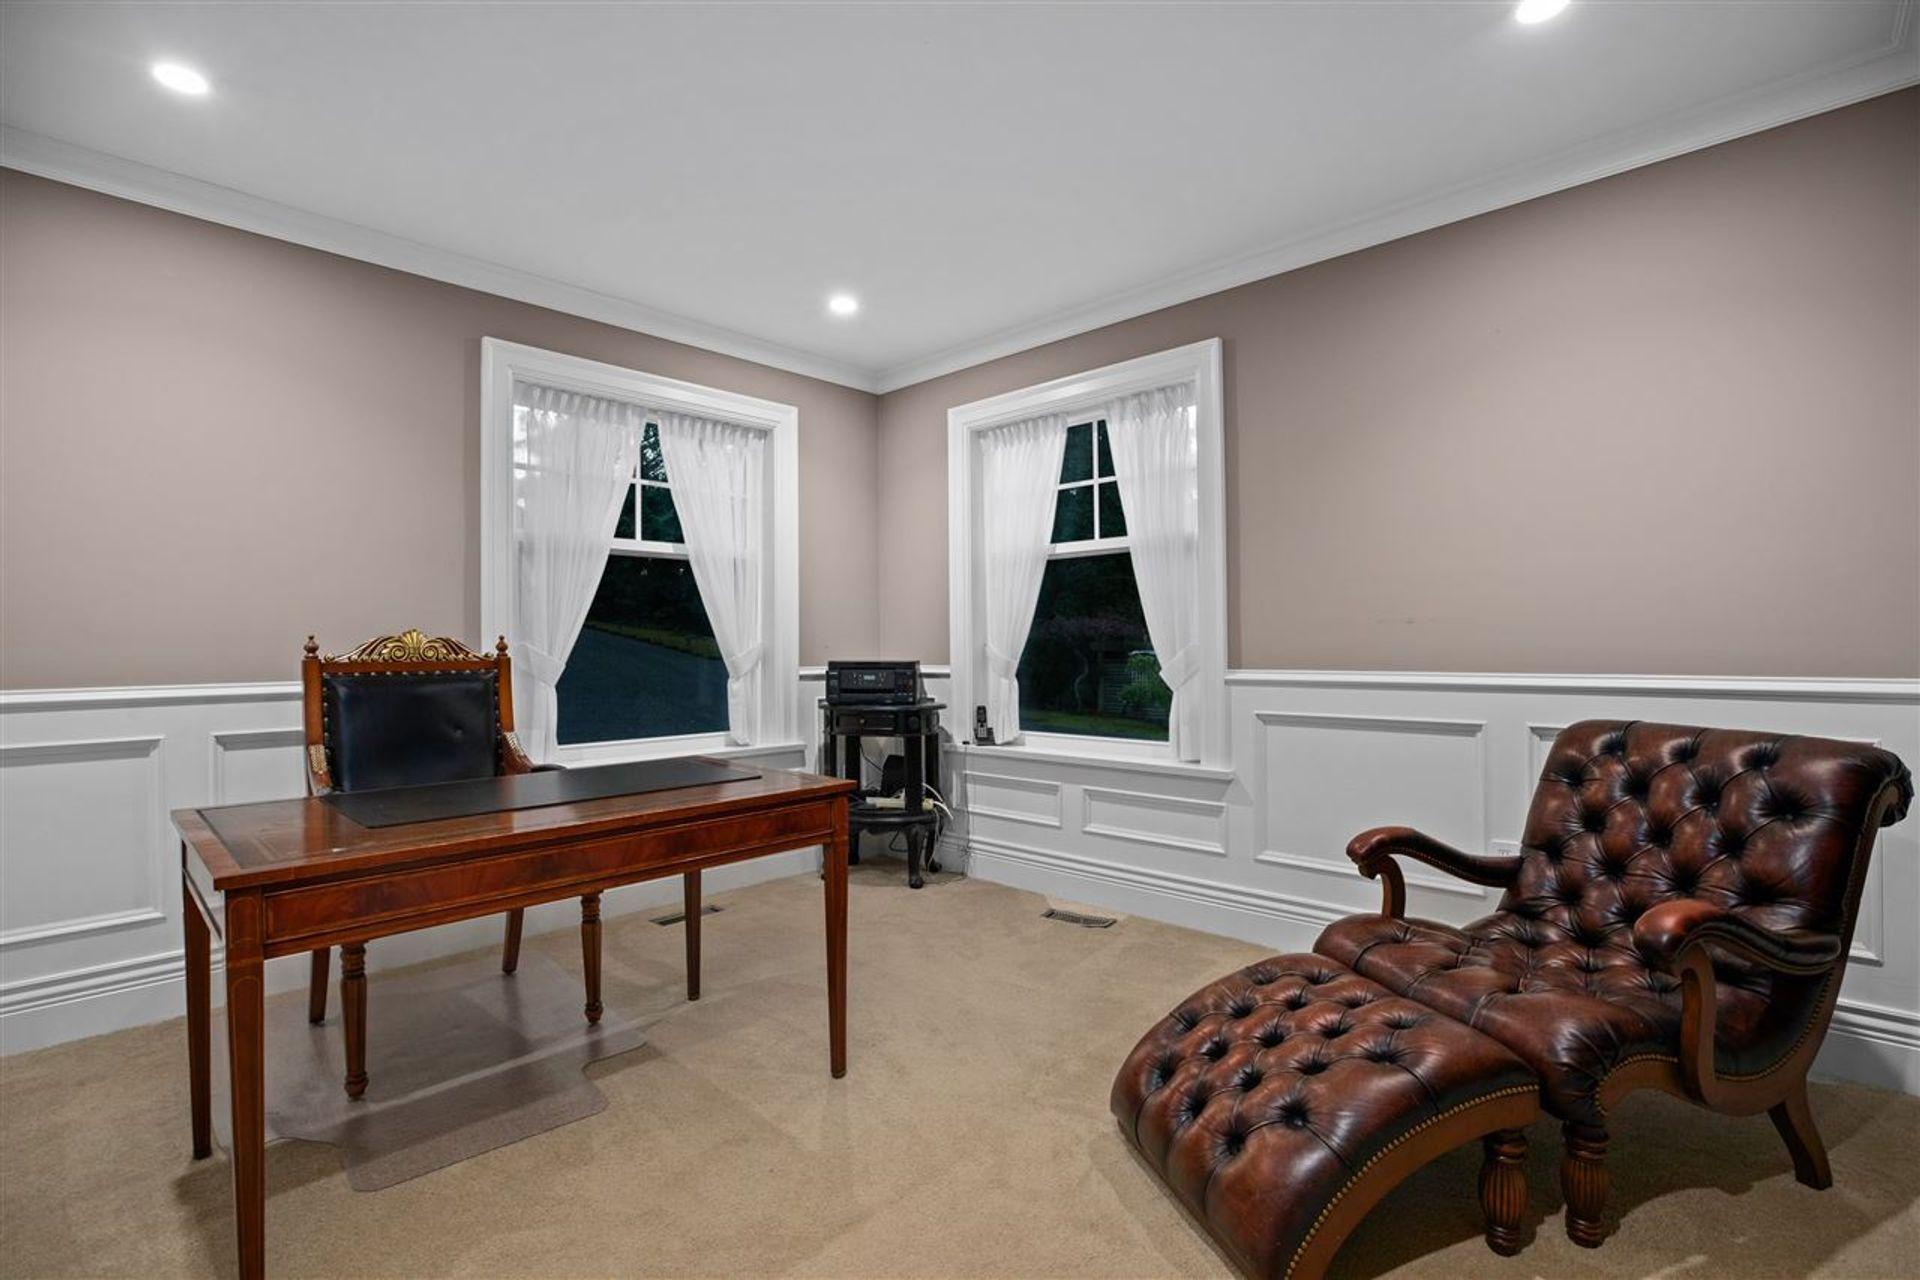 4725-the-glen-cypress-park-estates-west-vancouver-14 at 4725 The Glen, Cypress Park Estates, West Vancouver